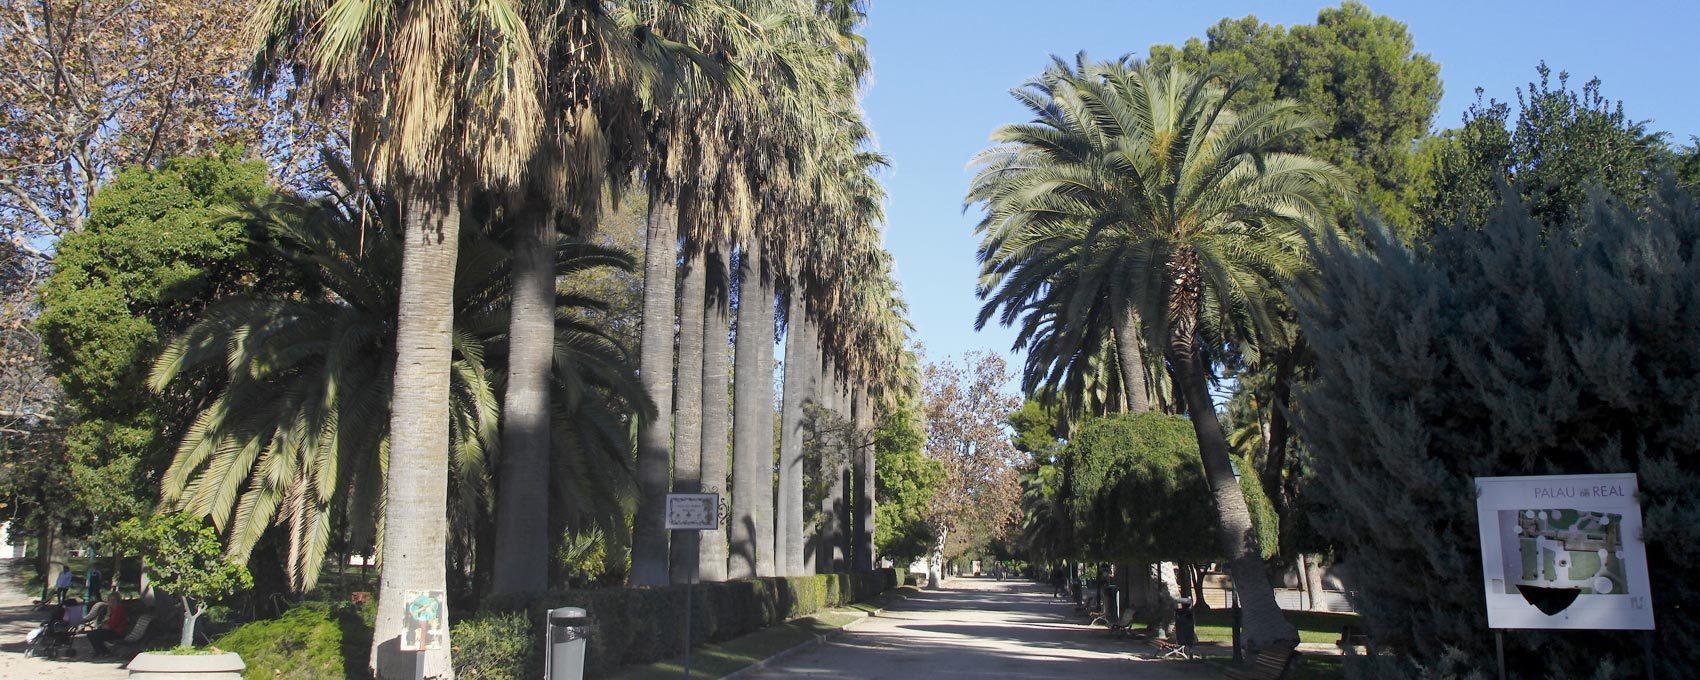 Jardín del Real